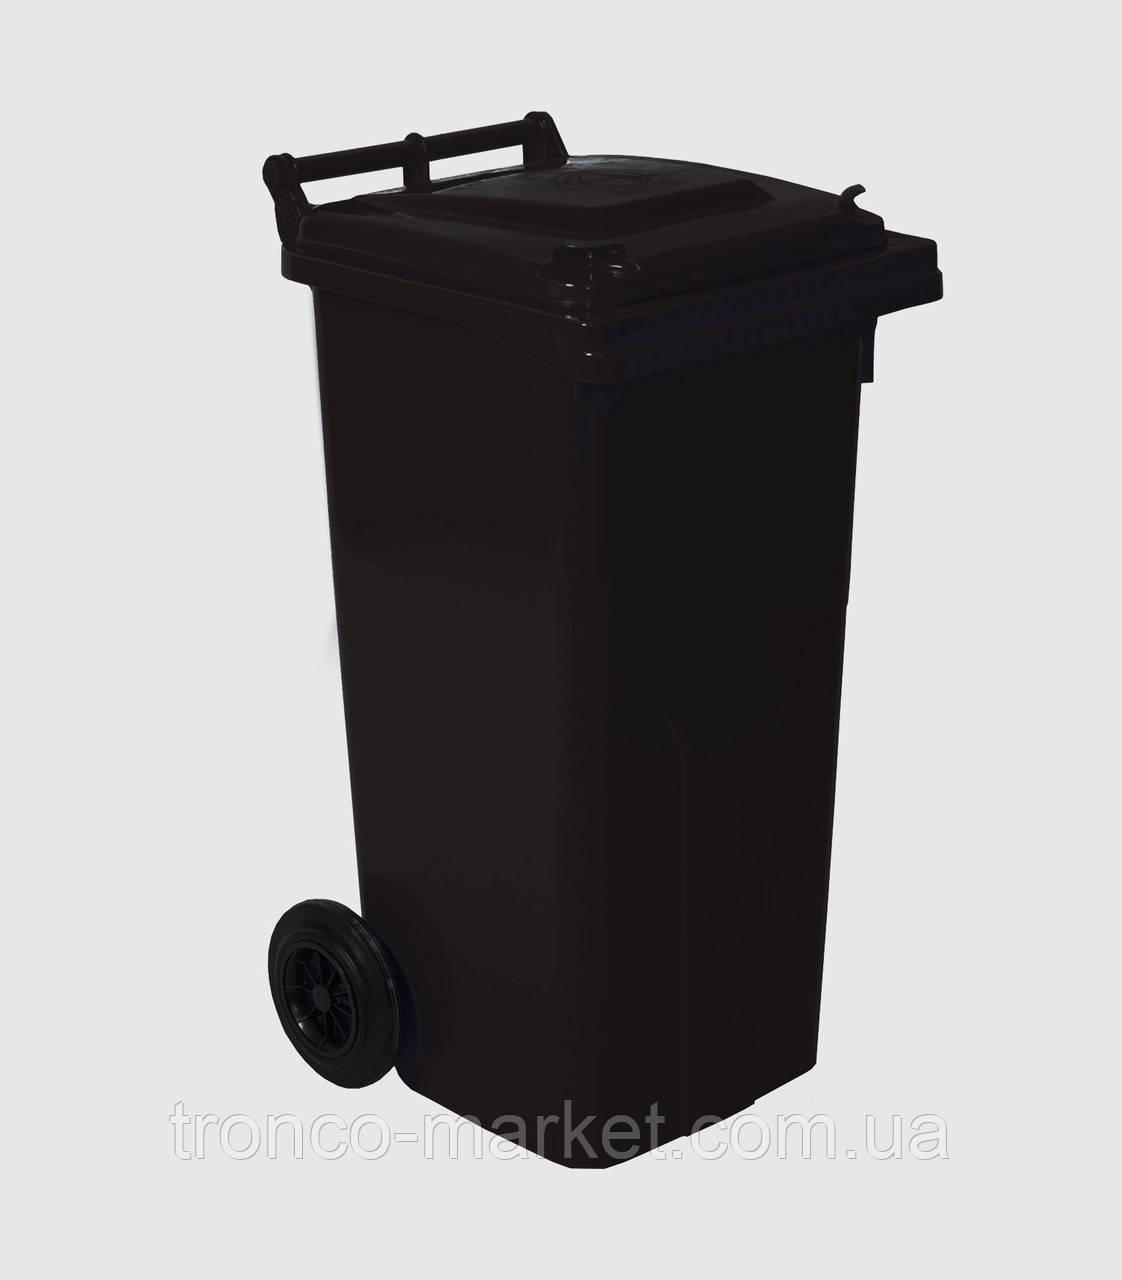 Контейнер для мусора на колесах 120л чёрный